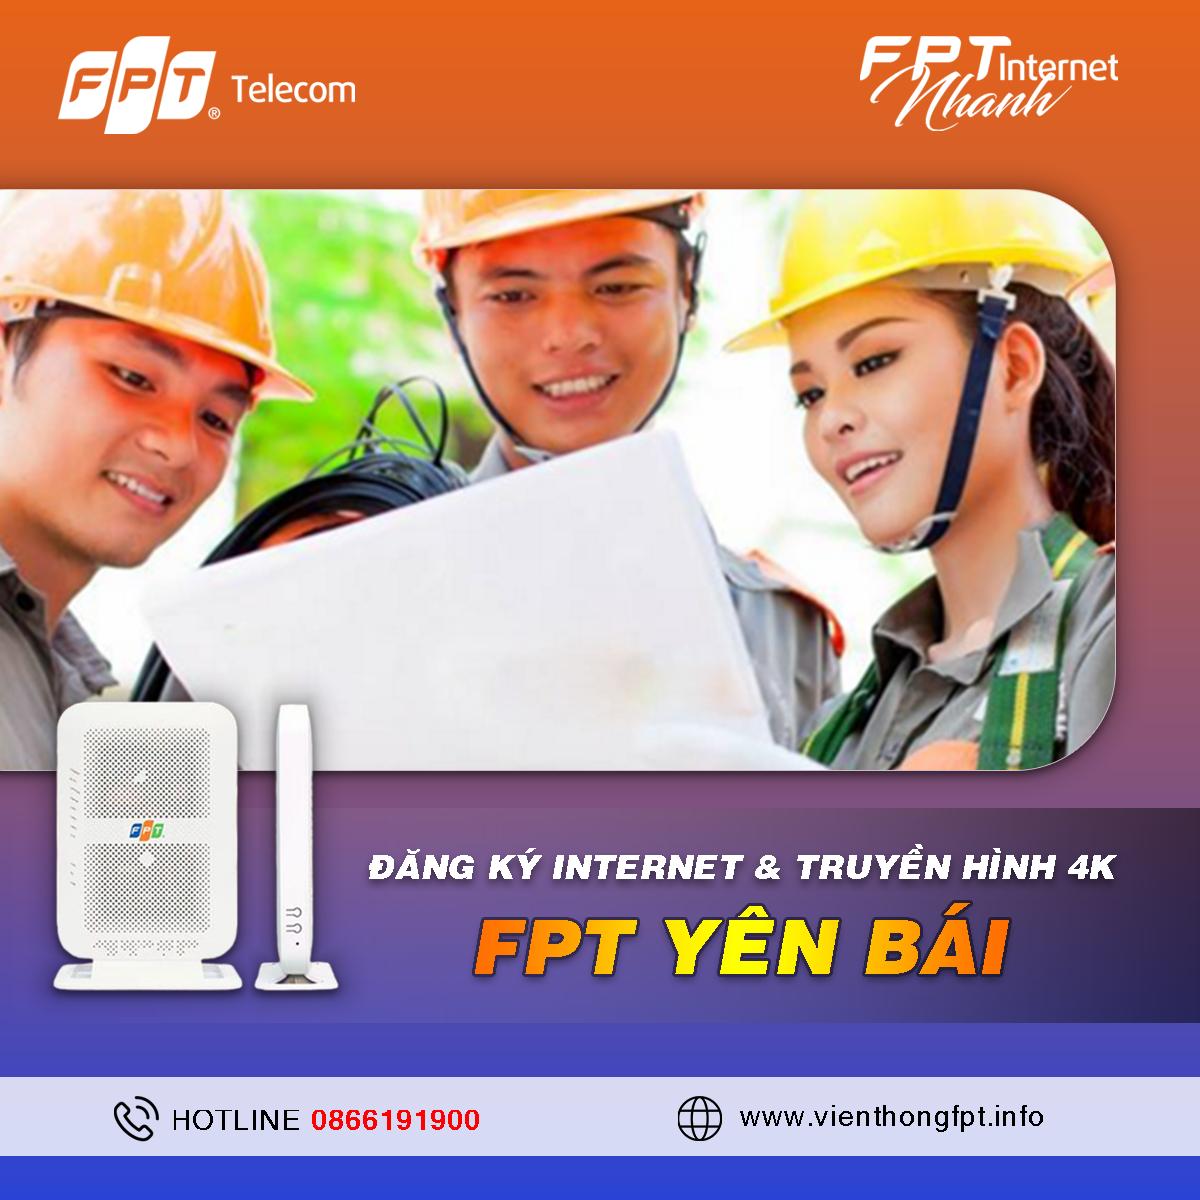 Tổng đài Đăng ký Internet FPT tại Yên Bái